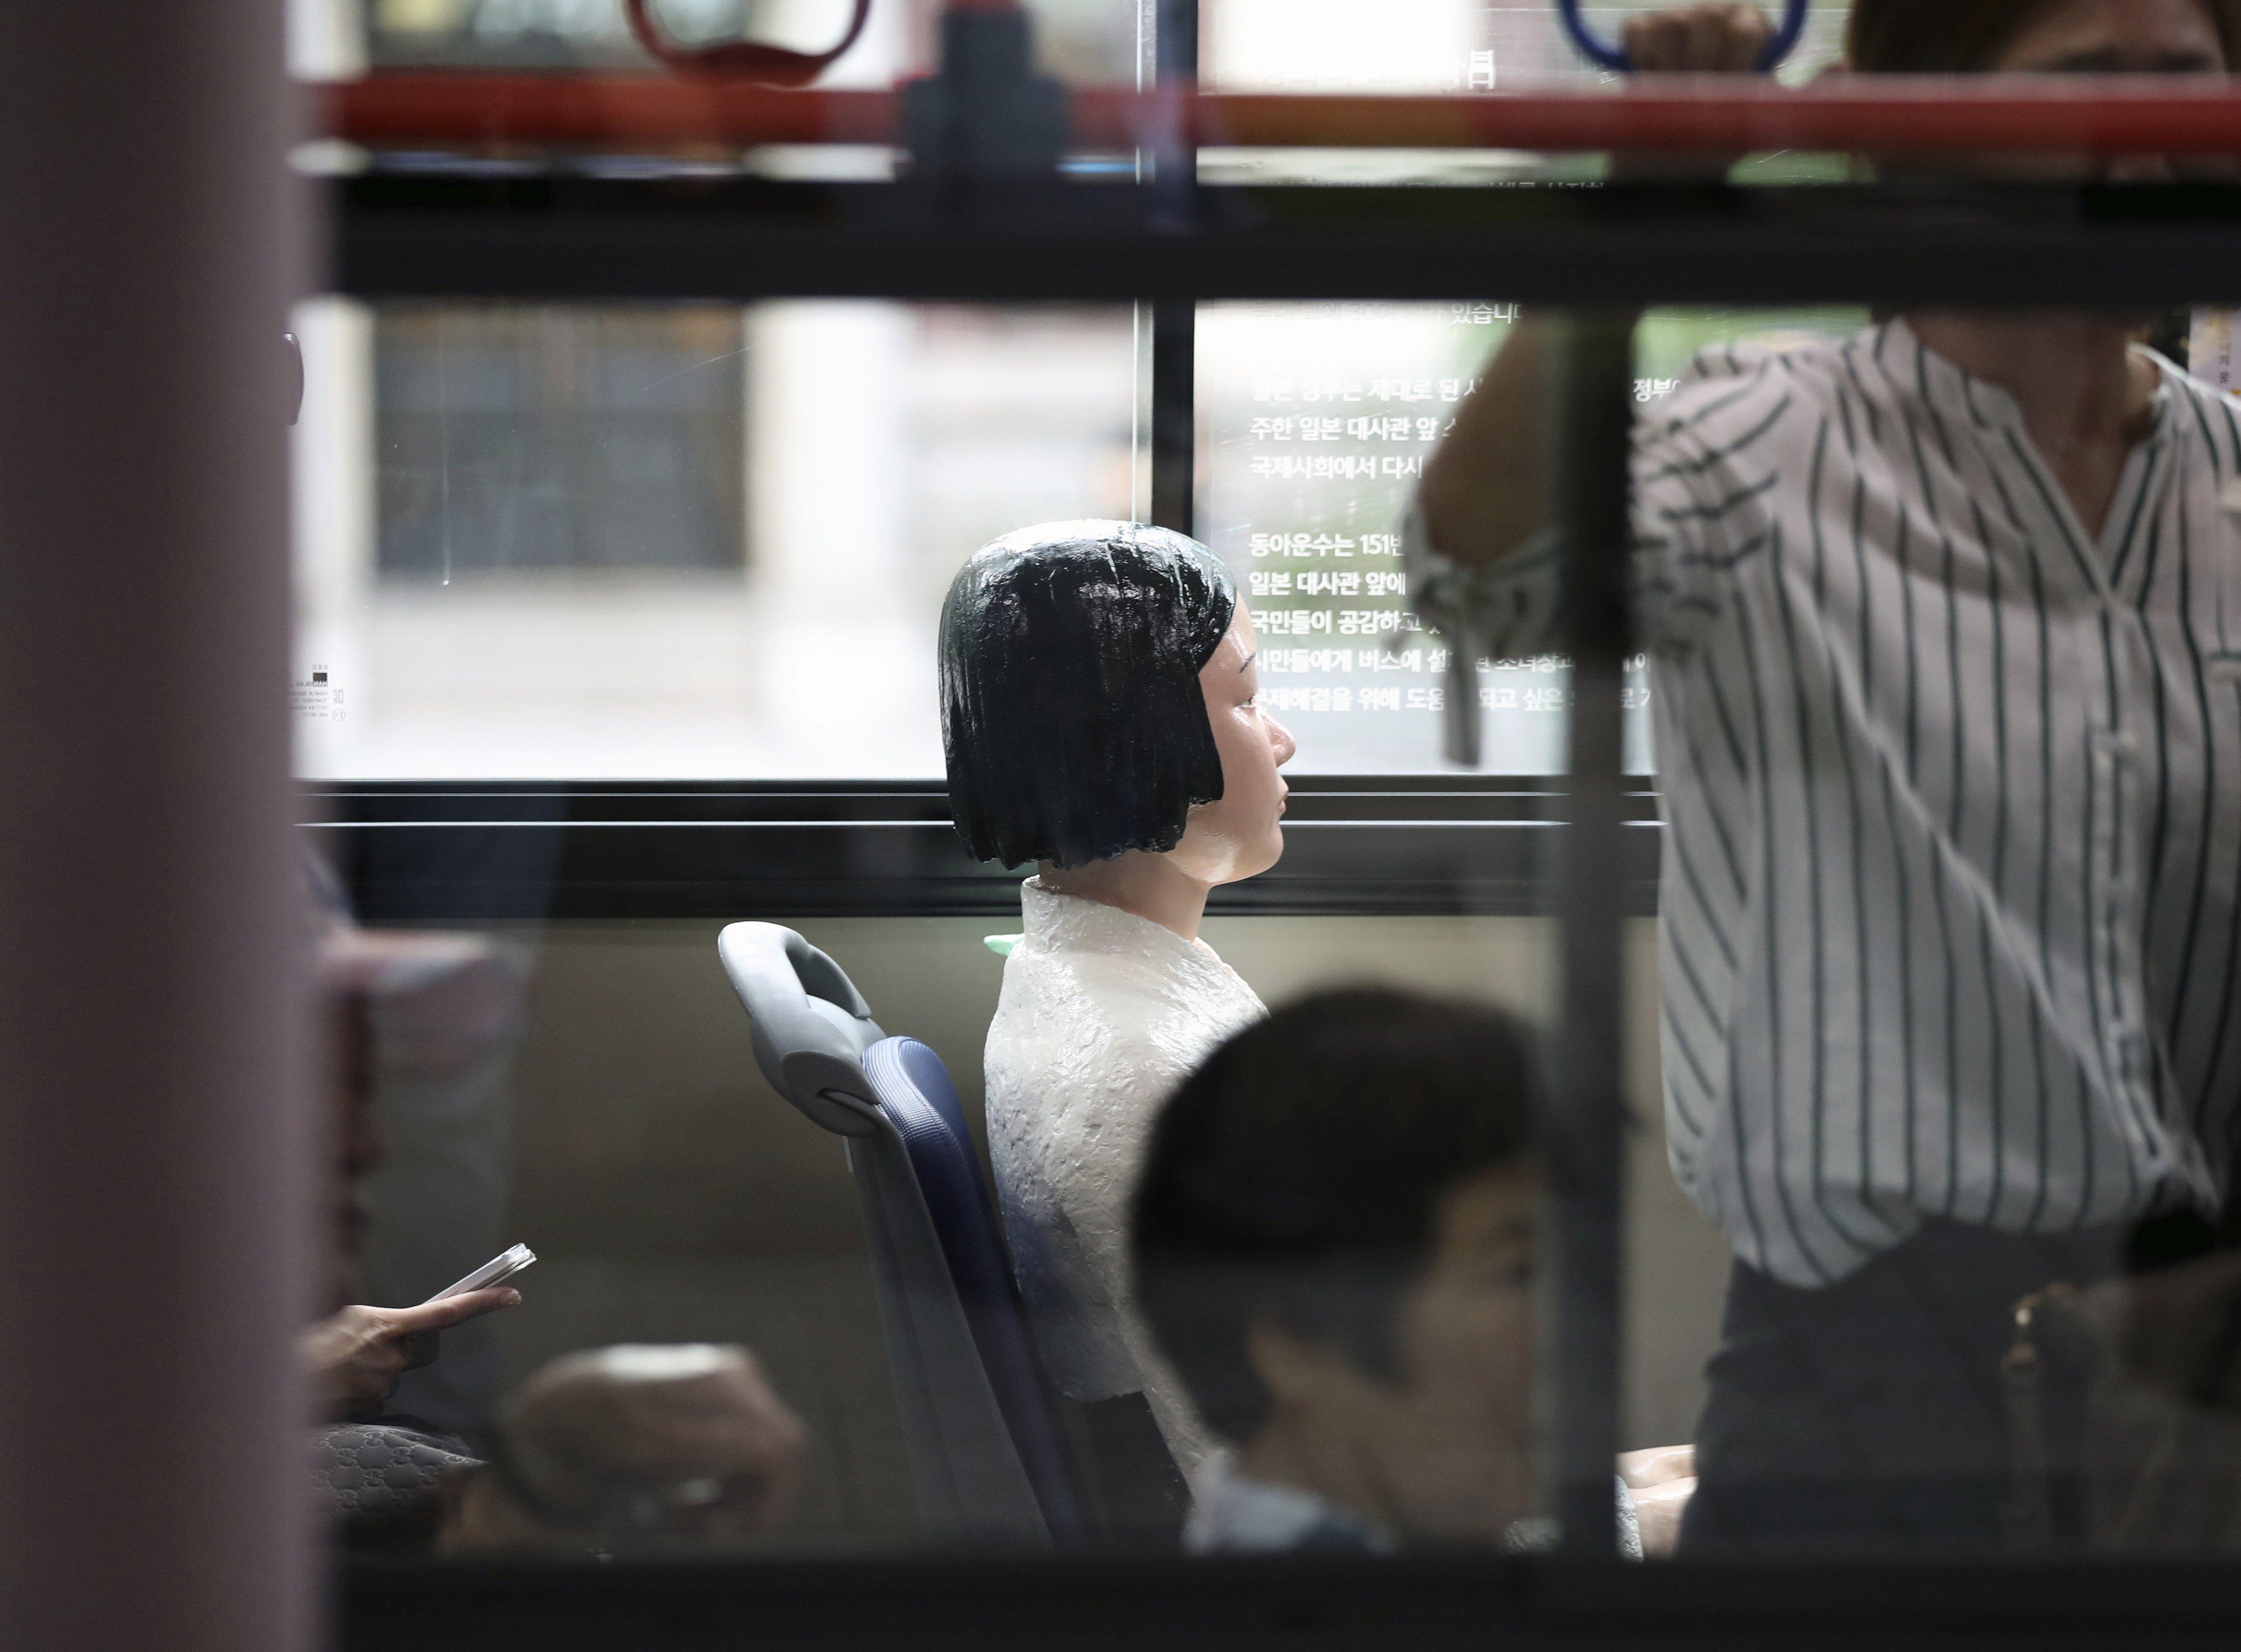 Una escultura que simbolitza una de les anomenades 'dones confort' en un autobús a Seül (Corea del Sud). /YONHAP